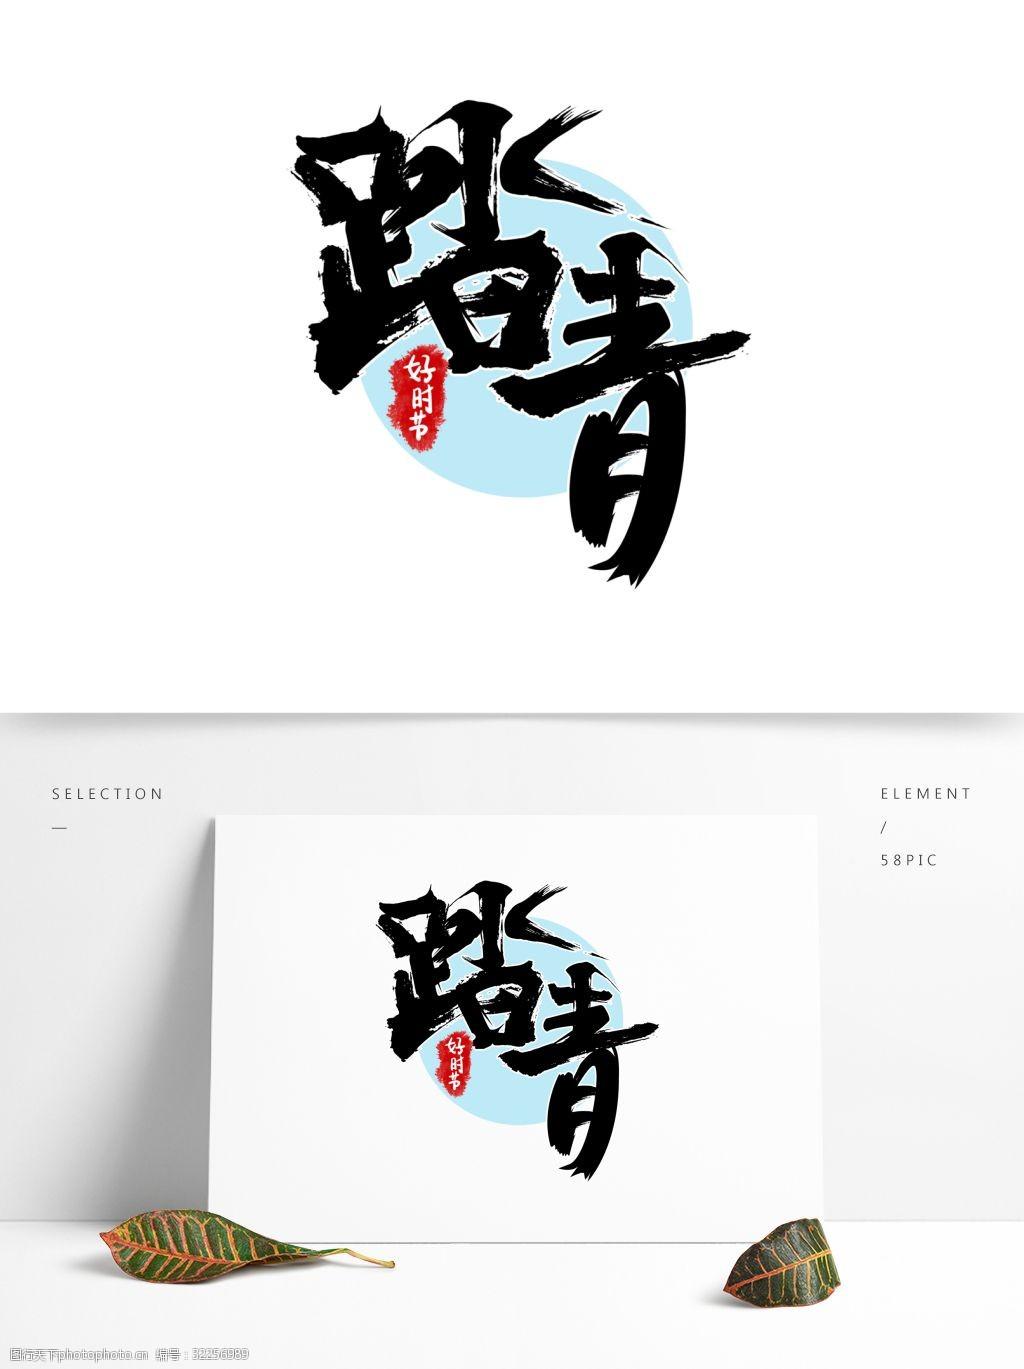 毛笔字设计草图踏青如何手工绘制cad字体图片